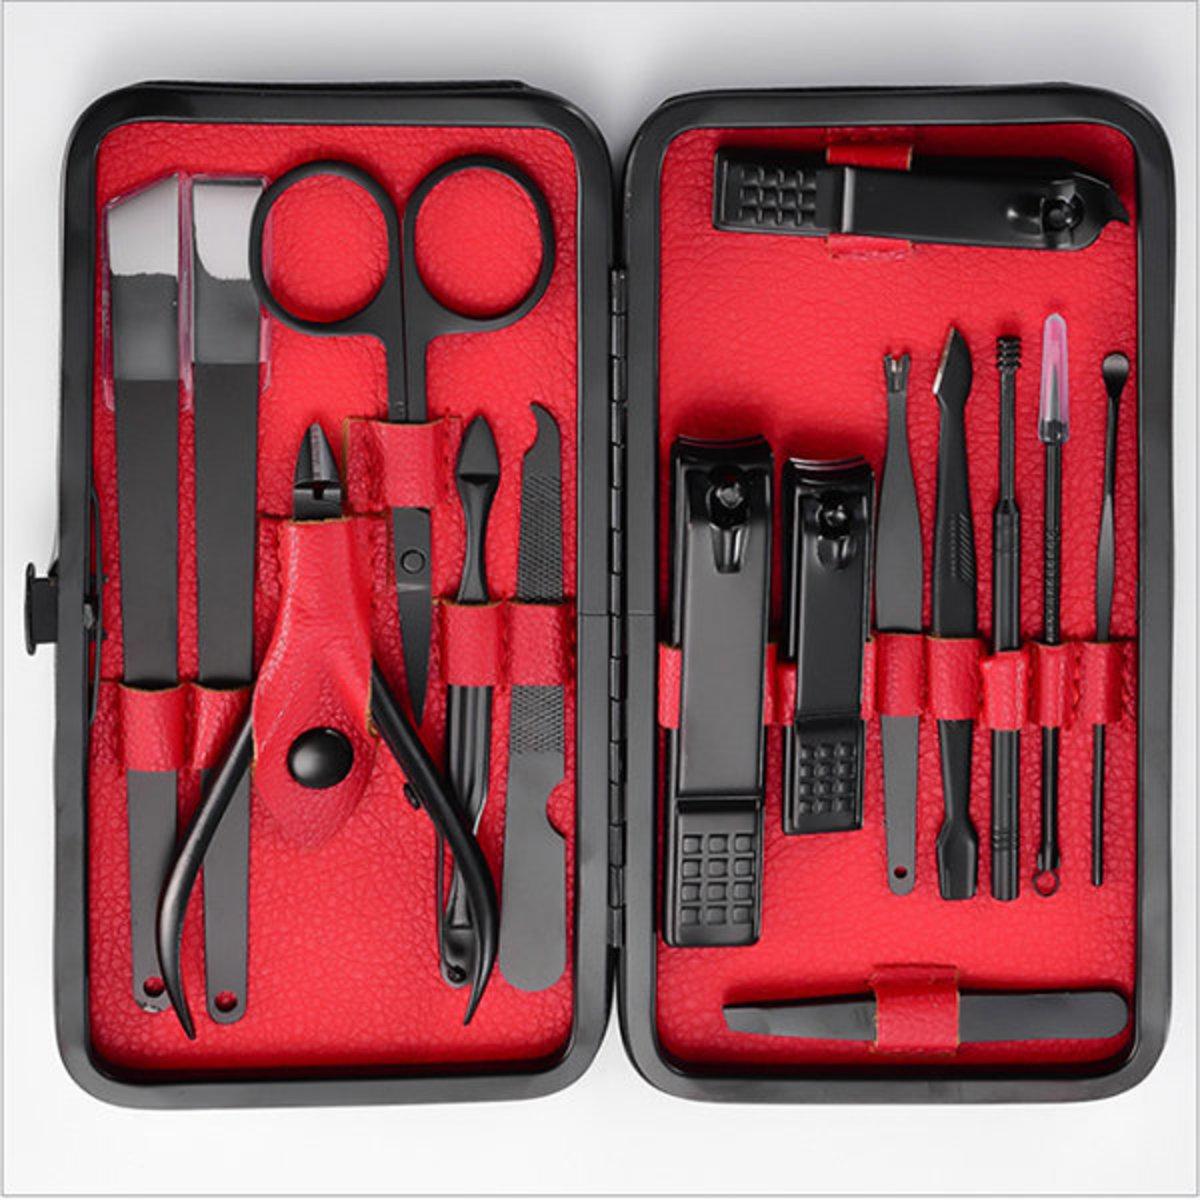 韓國JK剪指甲刀美容修甲工具套裝指甲鉗15件套死皮剪修腳套裝